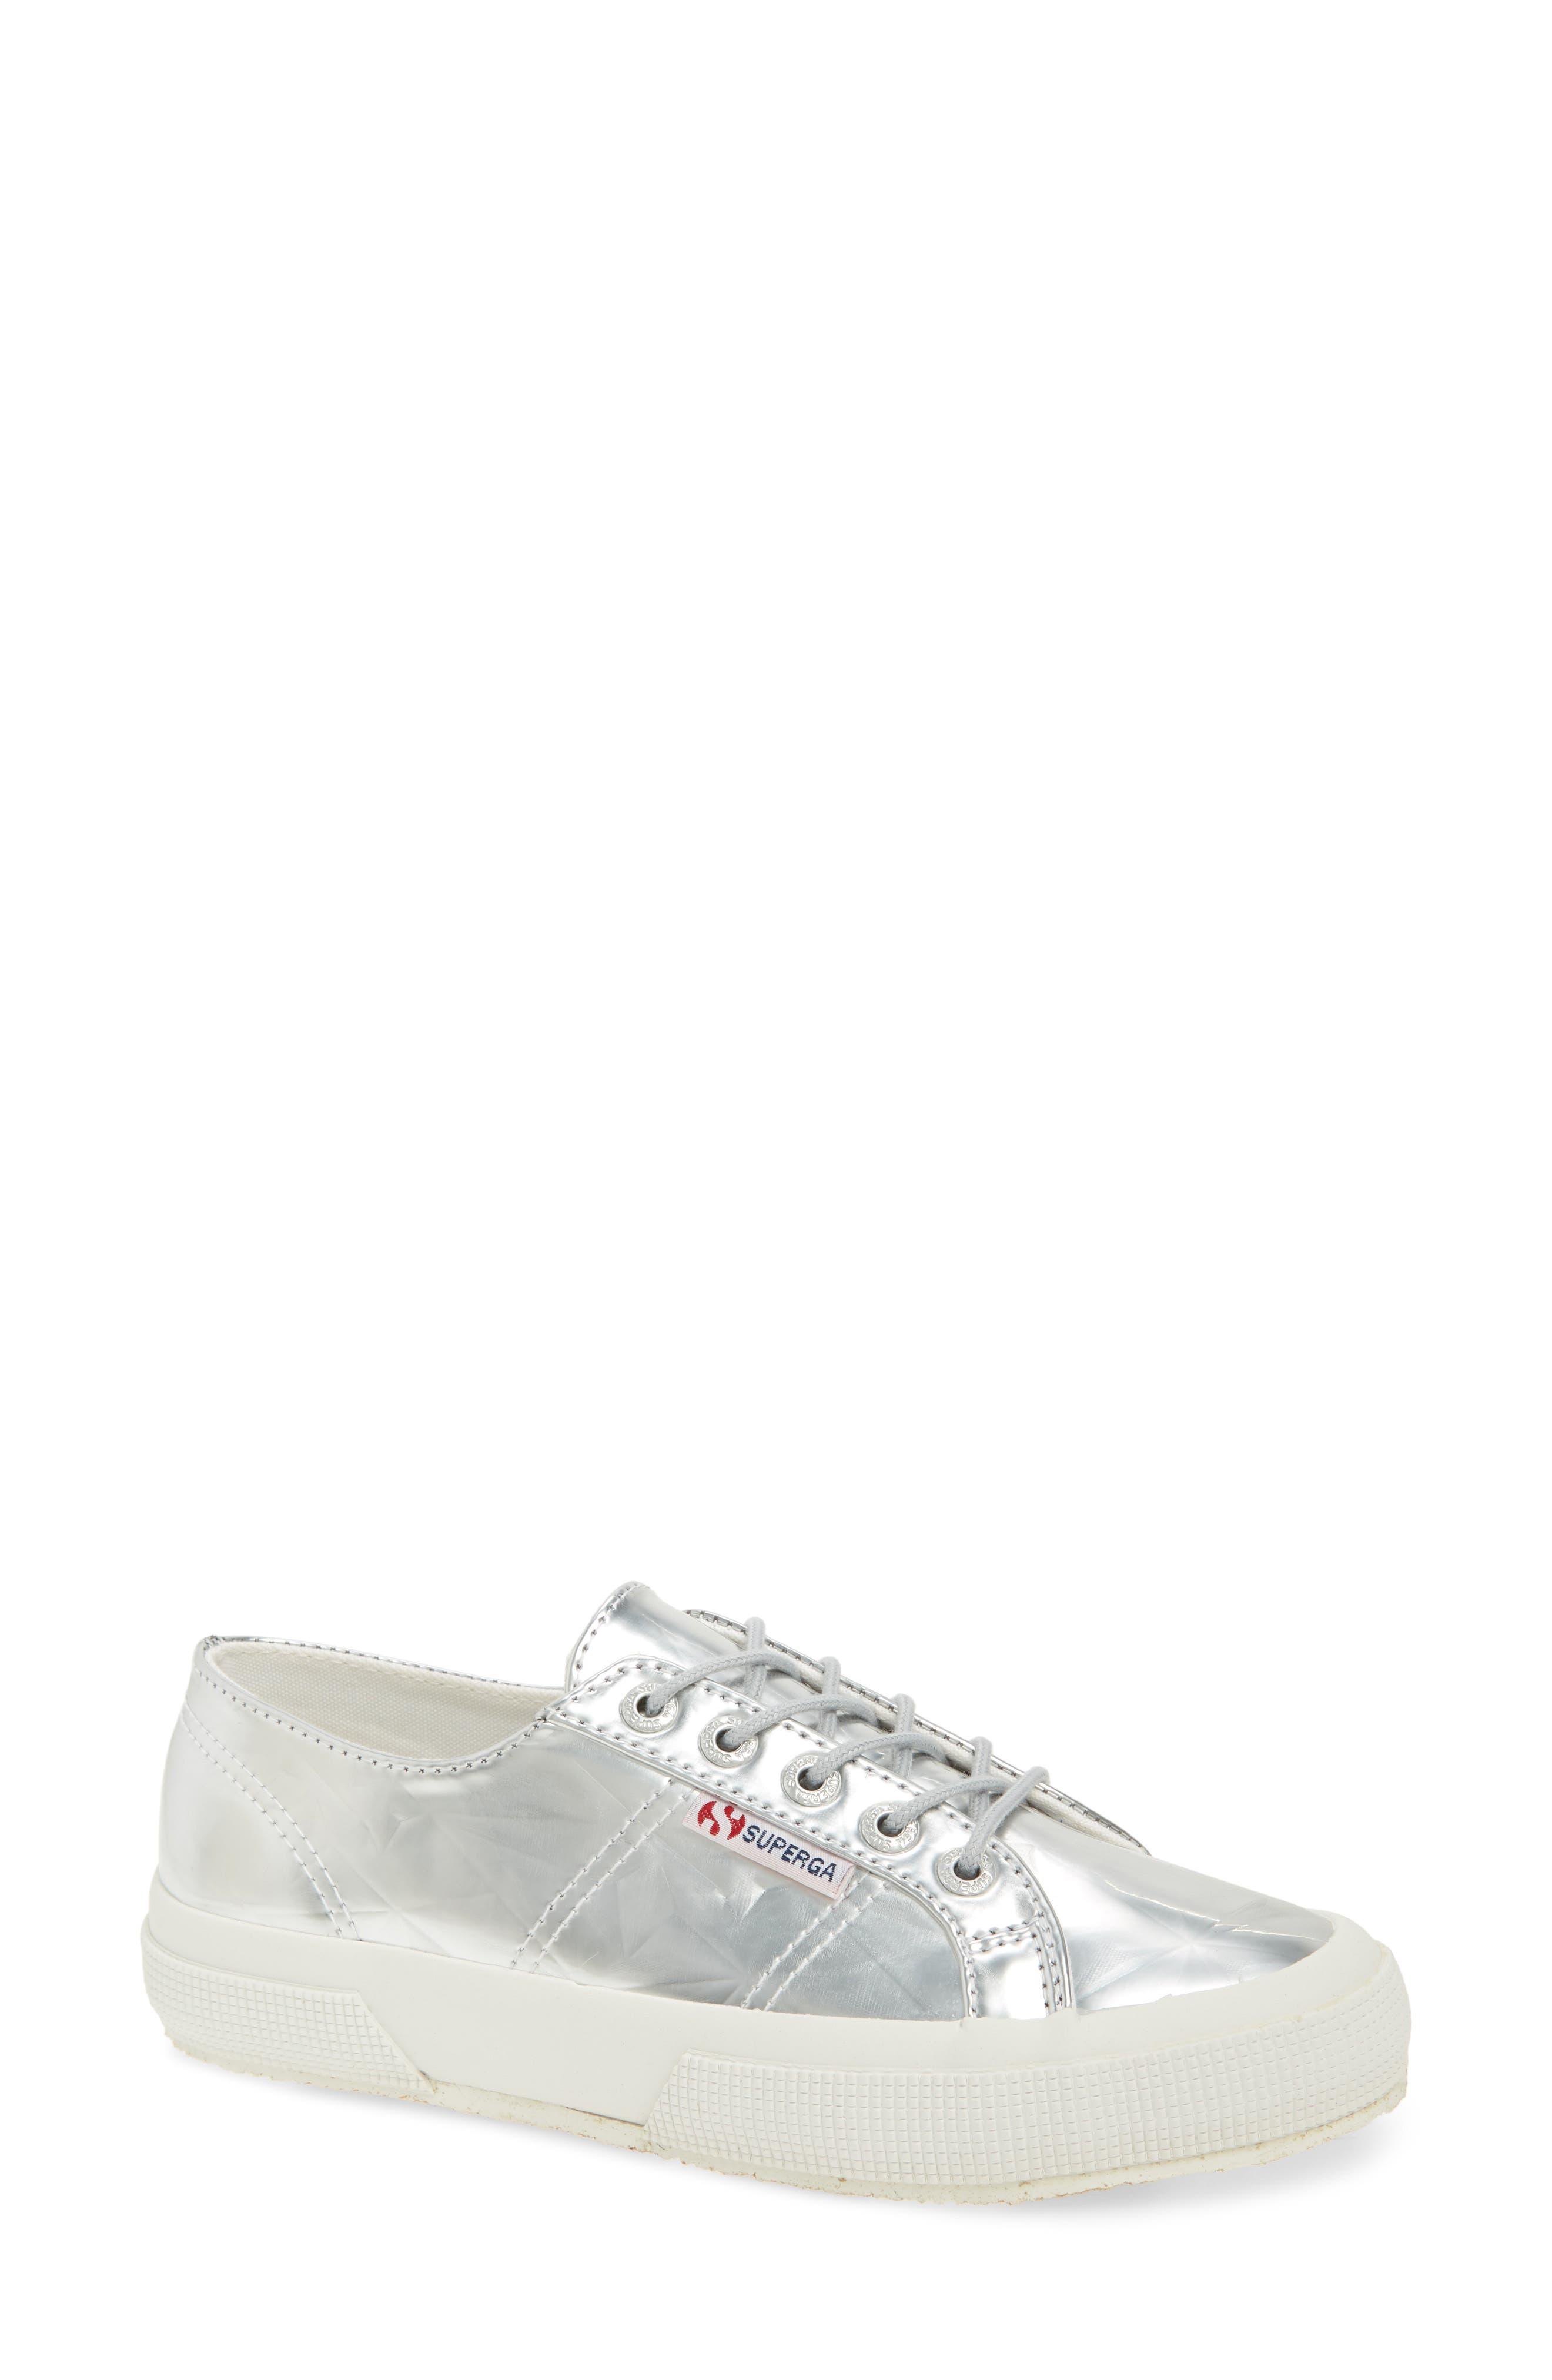 Superga 2750 Synleadiamondmirrorw Sneaker (Women)